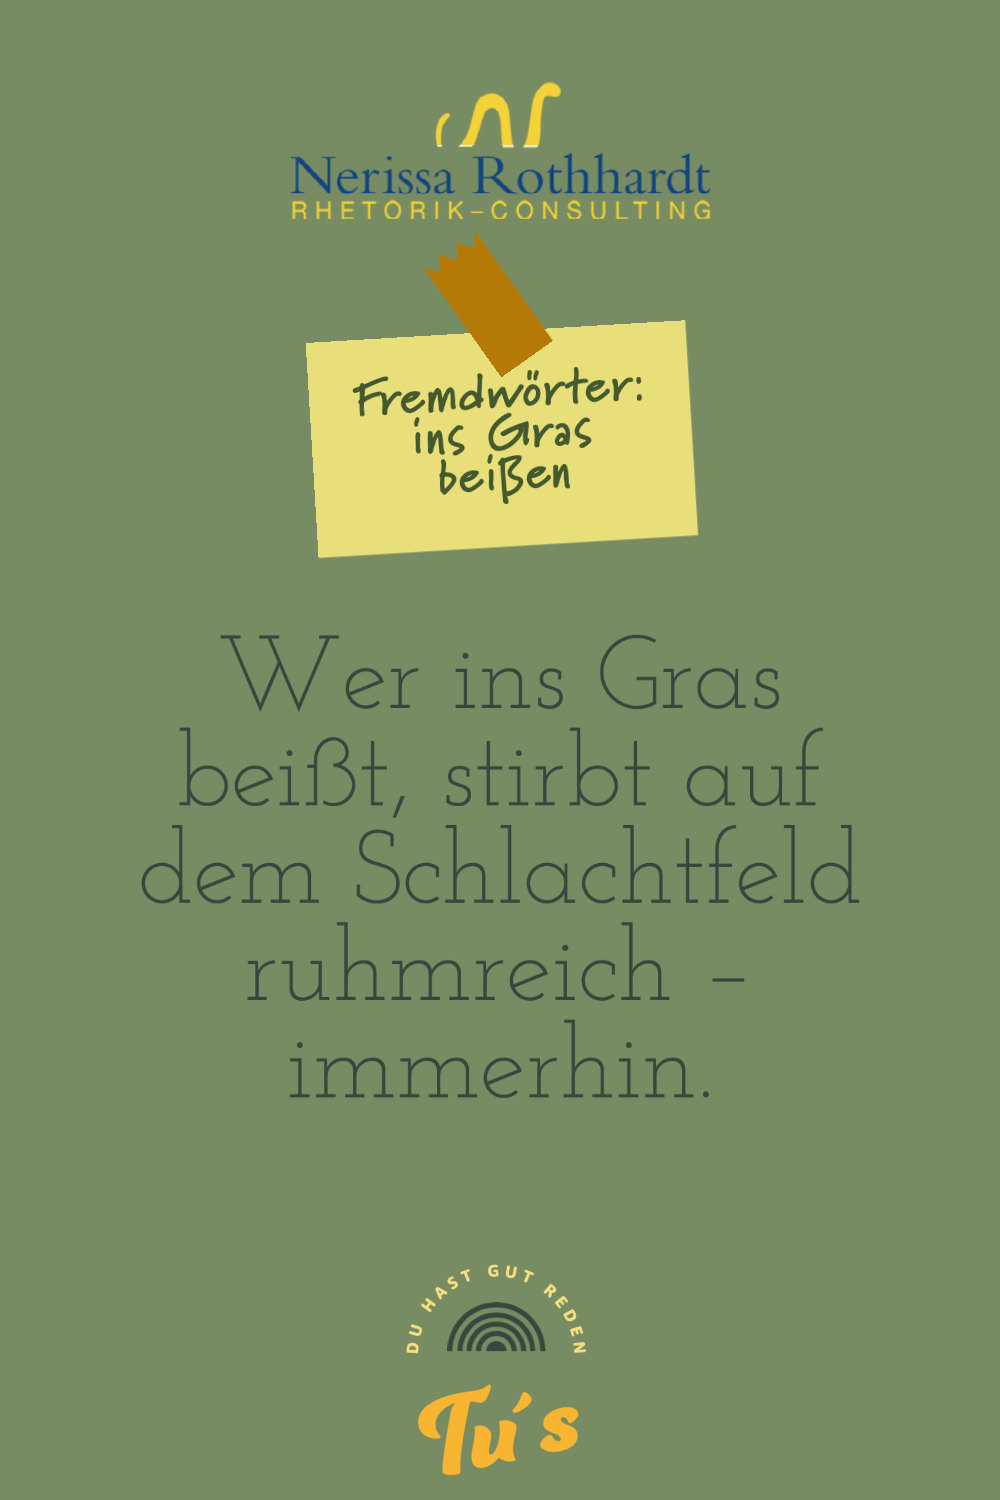 Rhetorik Consulting Fremdwoerter ins Gras beissen jpg - Woher kommt eigentlich die Redewendung ...